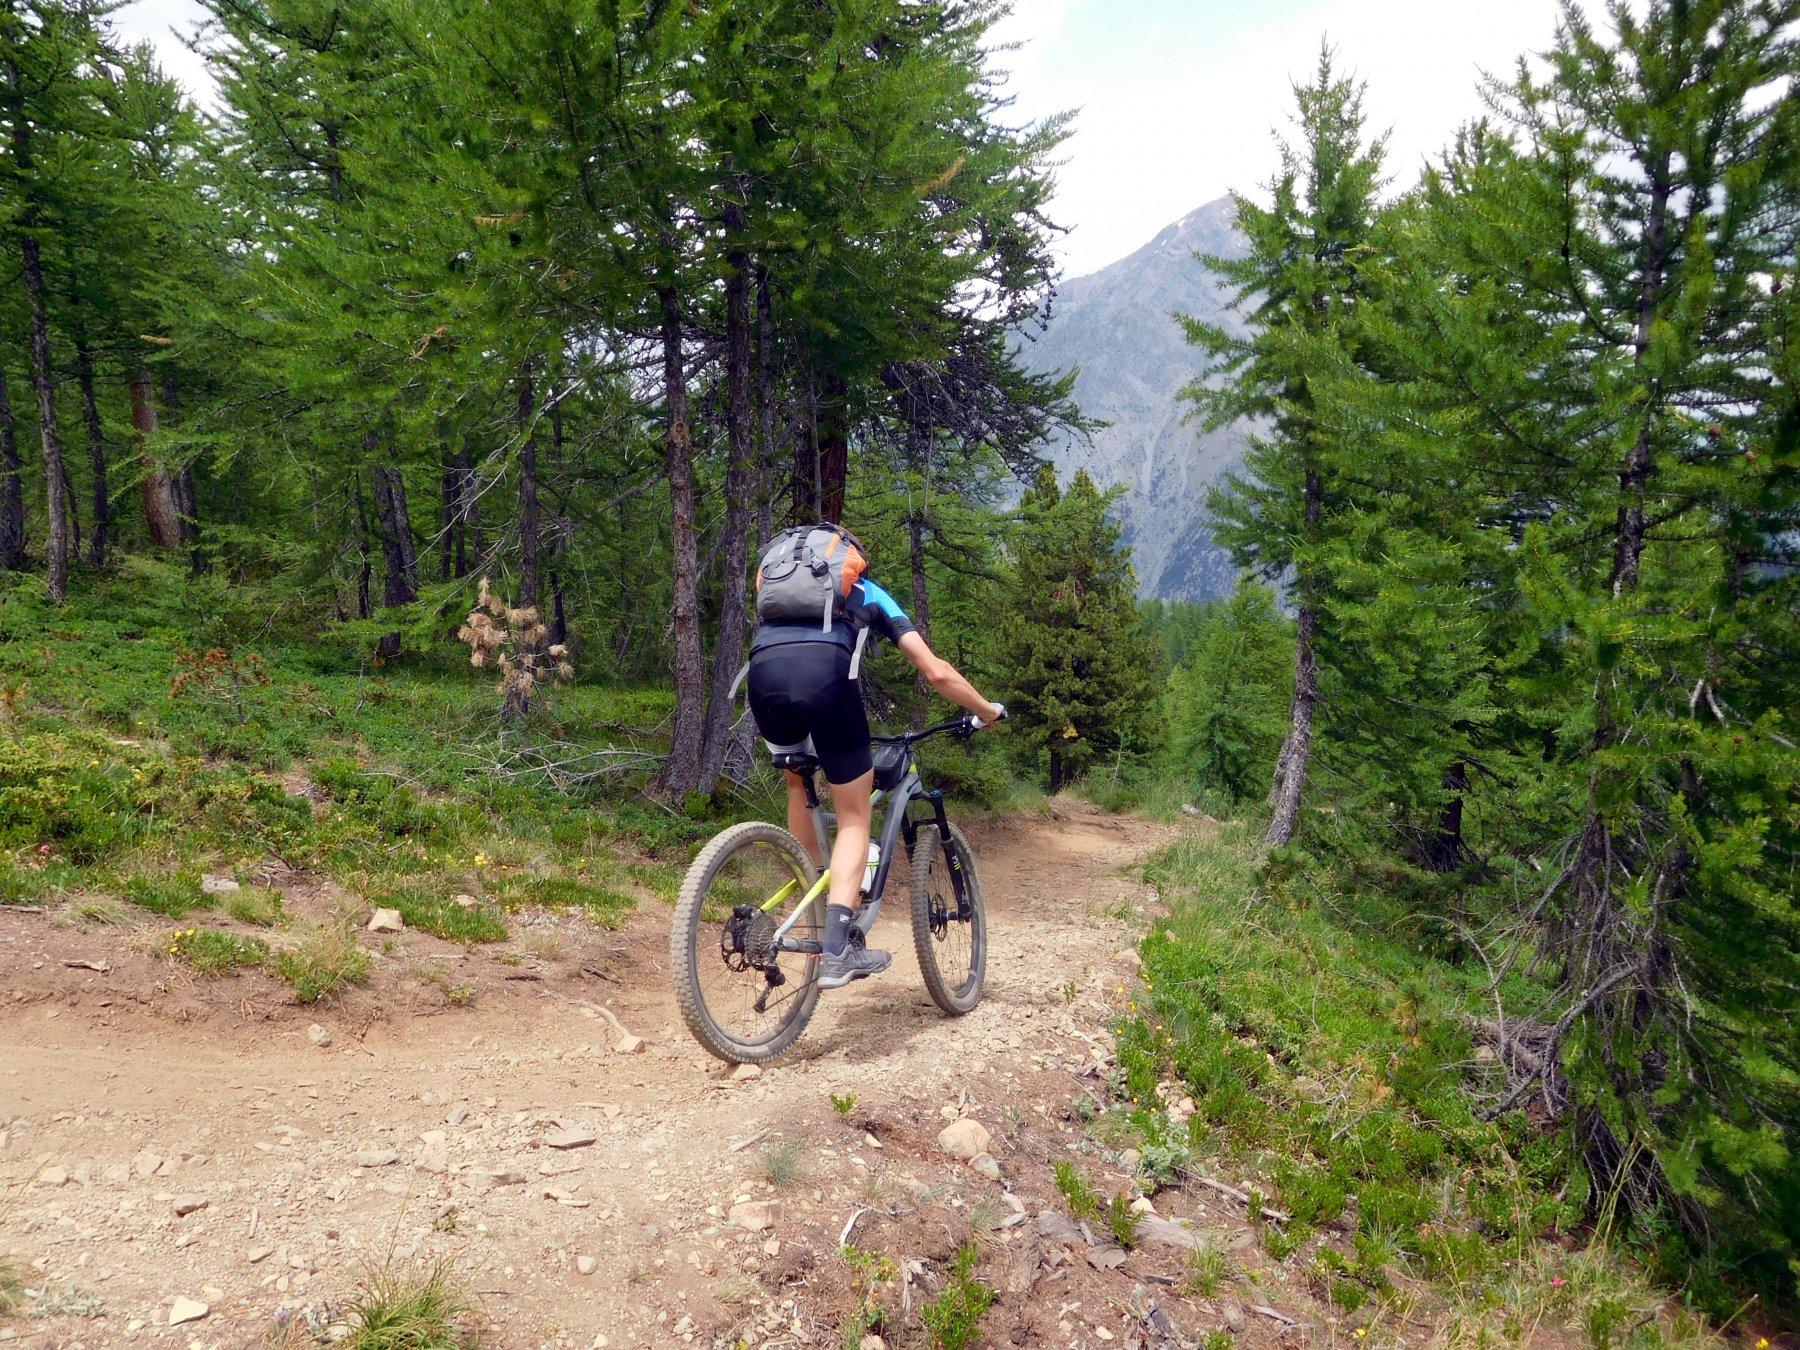 Corbioun (Monte) da Bousson, giro per i colli Begino, Chabaud, Bourget, Bousson, Costa la Luna e discesa val Gimont 2018-07-14